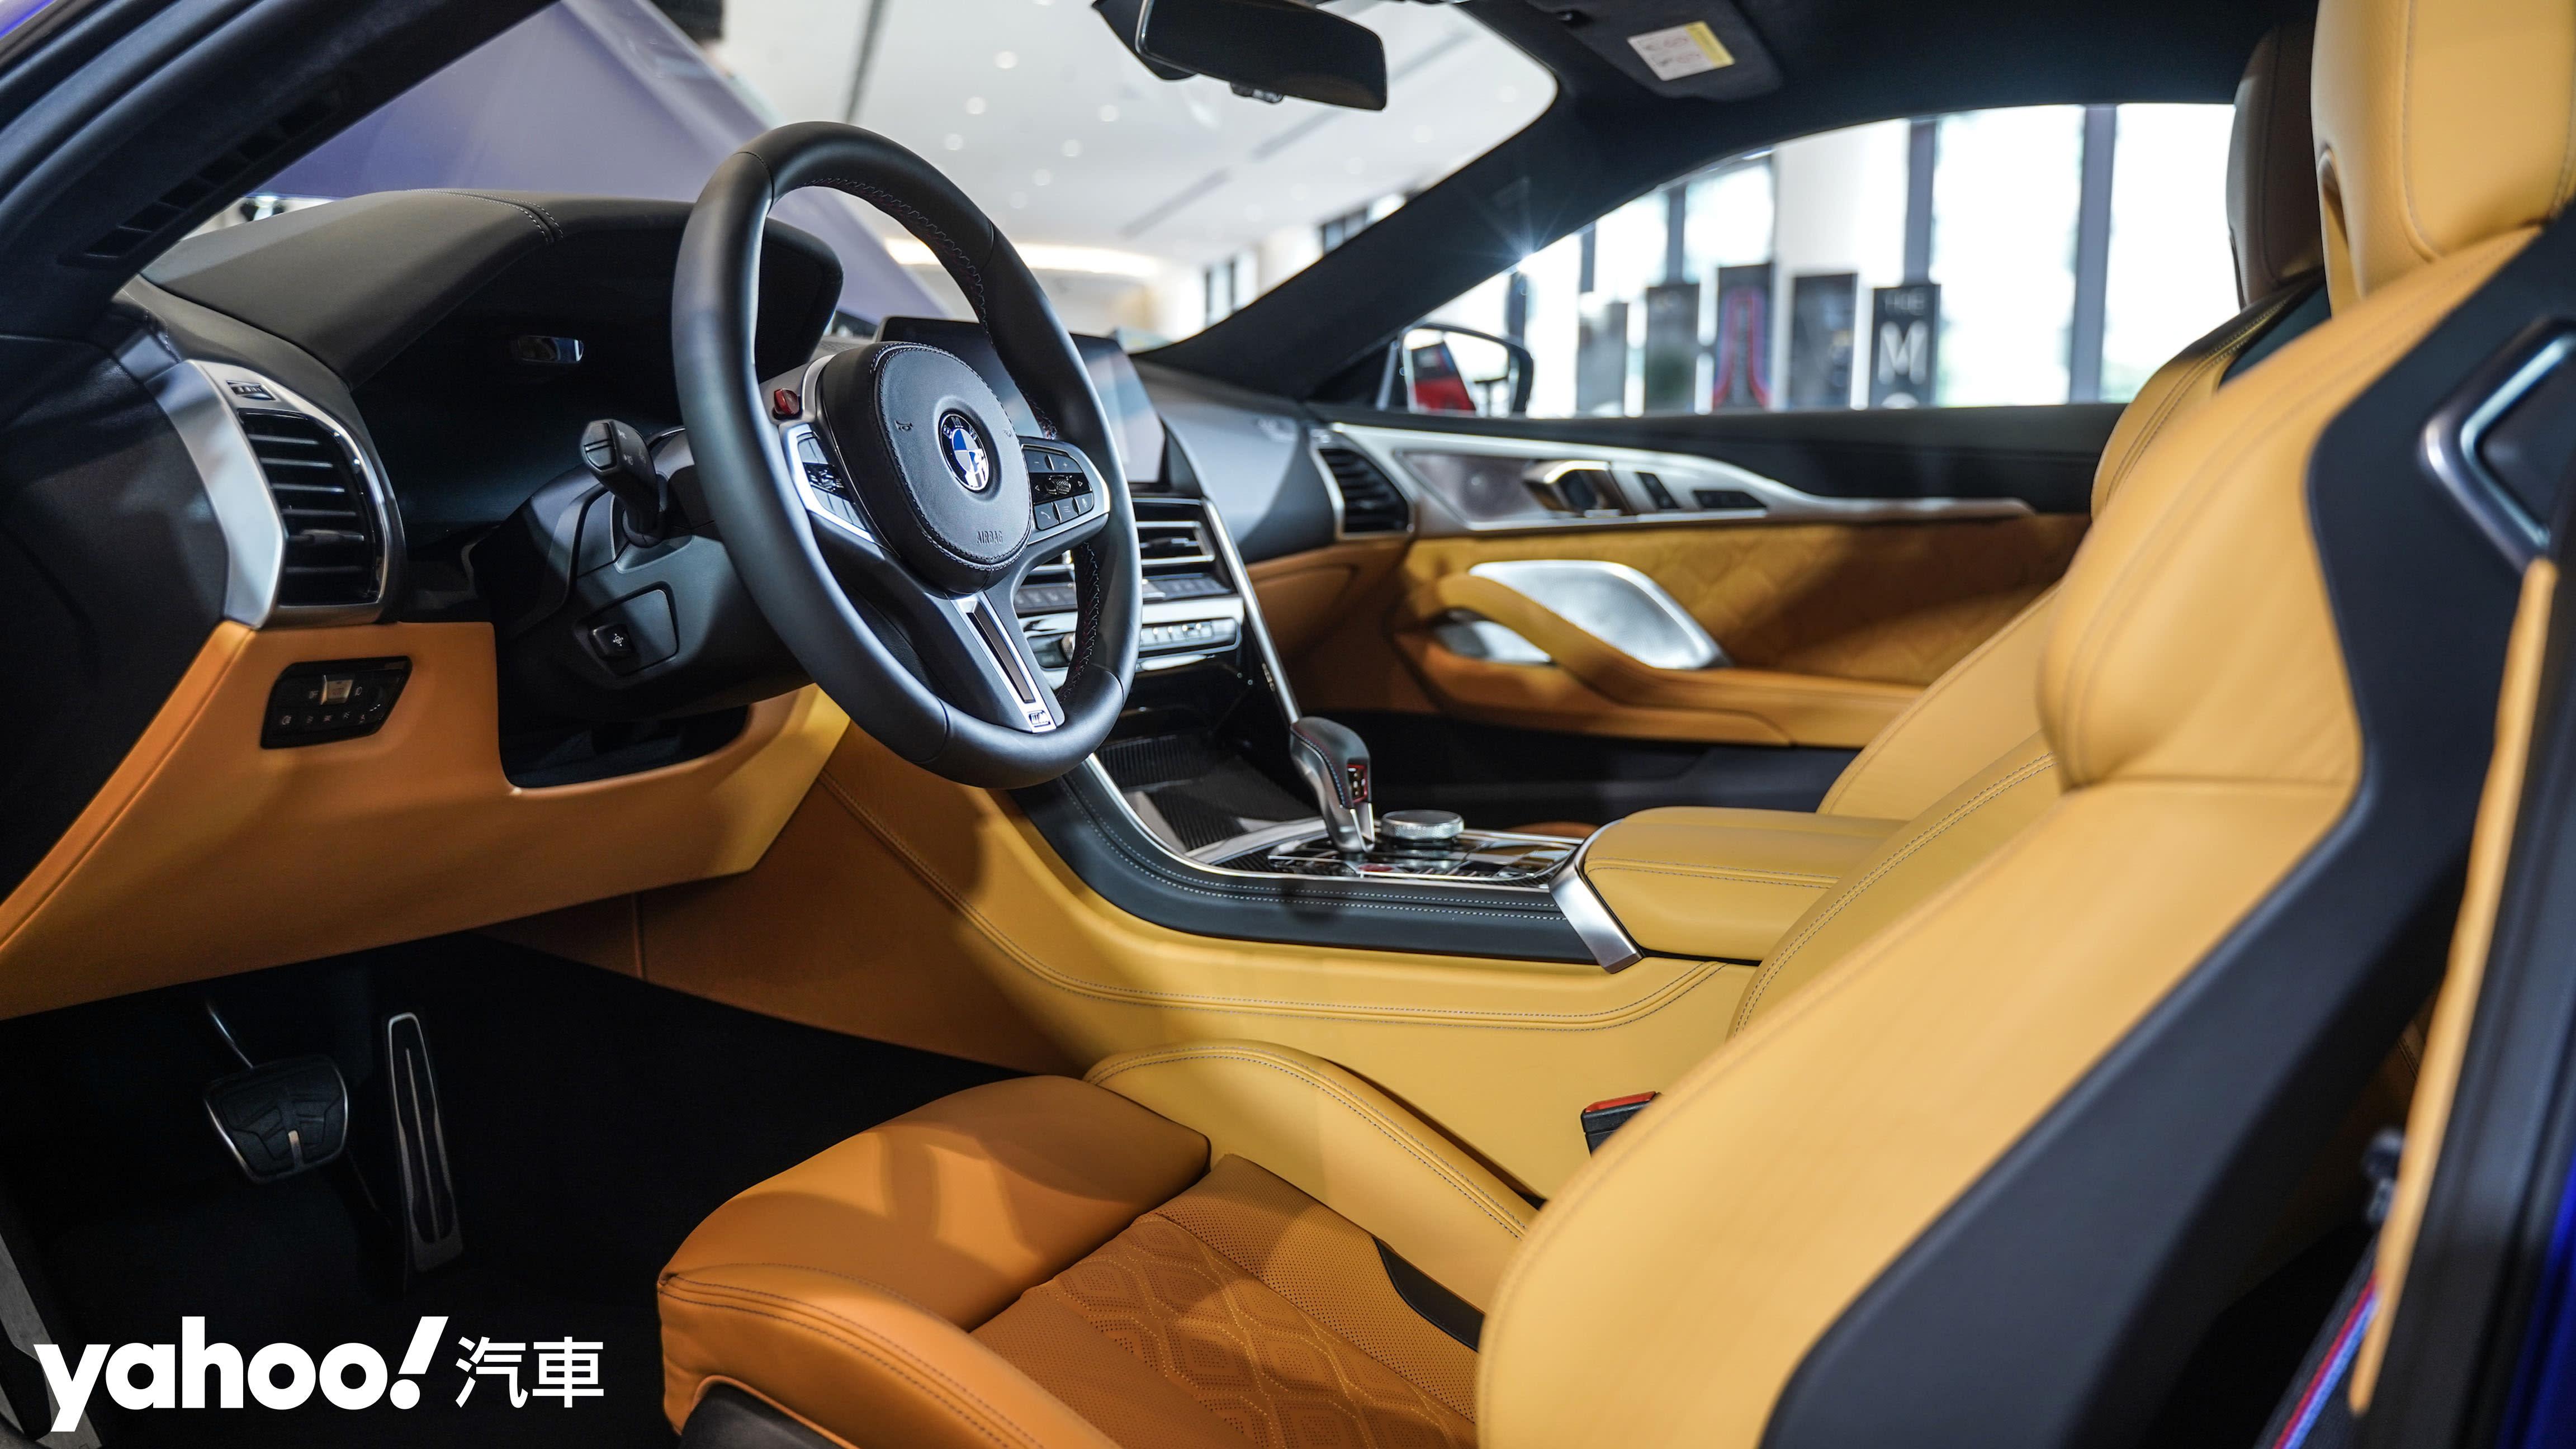 窮凶惡極的GT潛艦!2020 BMW M8 Coupe & Gran Coupe暴力上陣! - 11